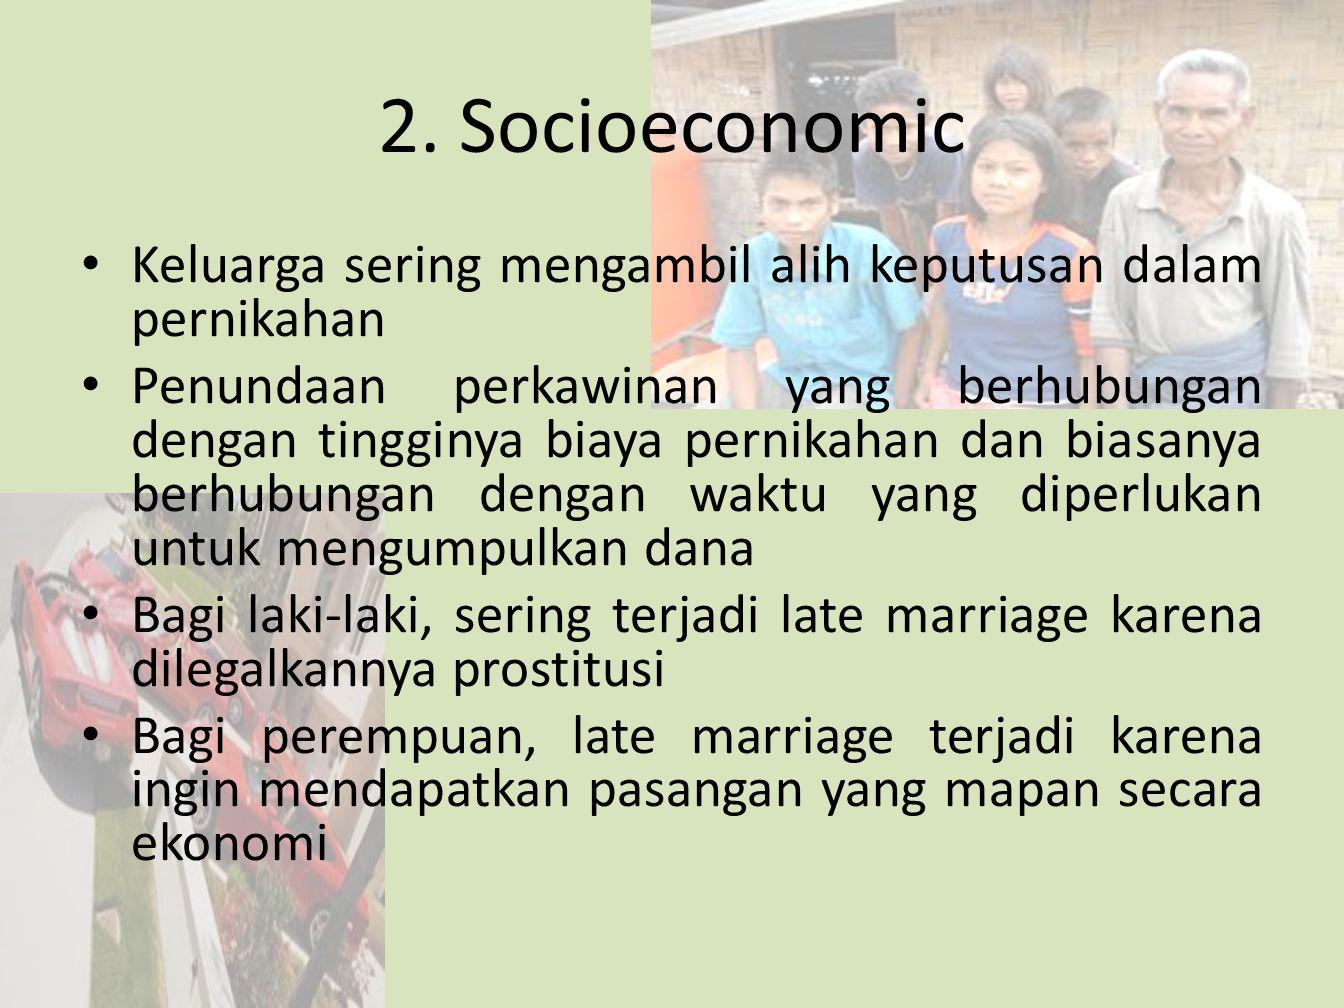 2. Socioeconomic Keluarga sering mengambil alih keputusan dalam pernikahan.